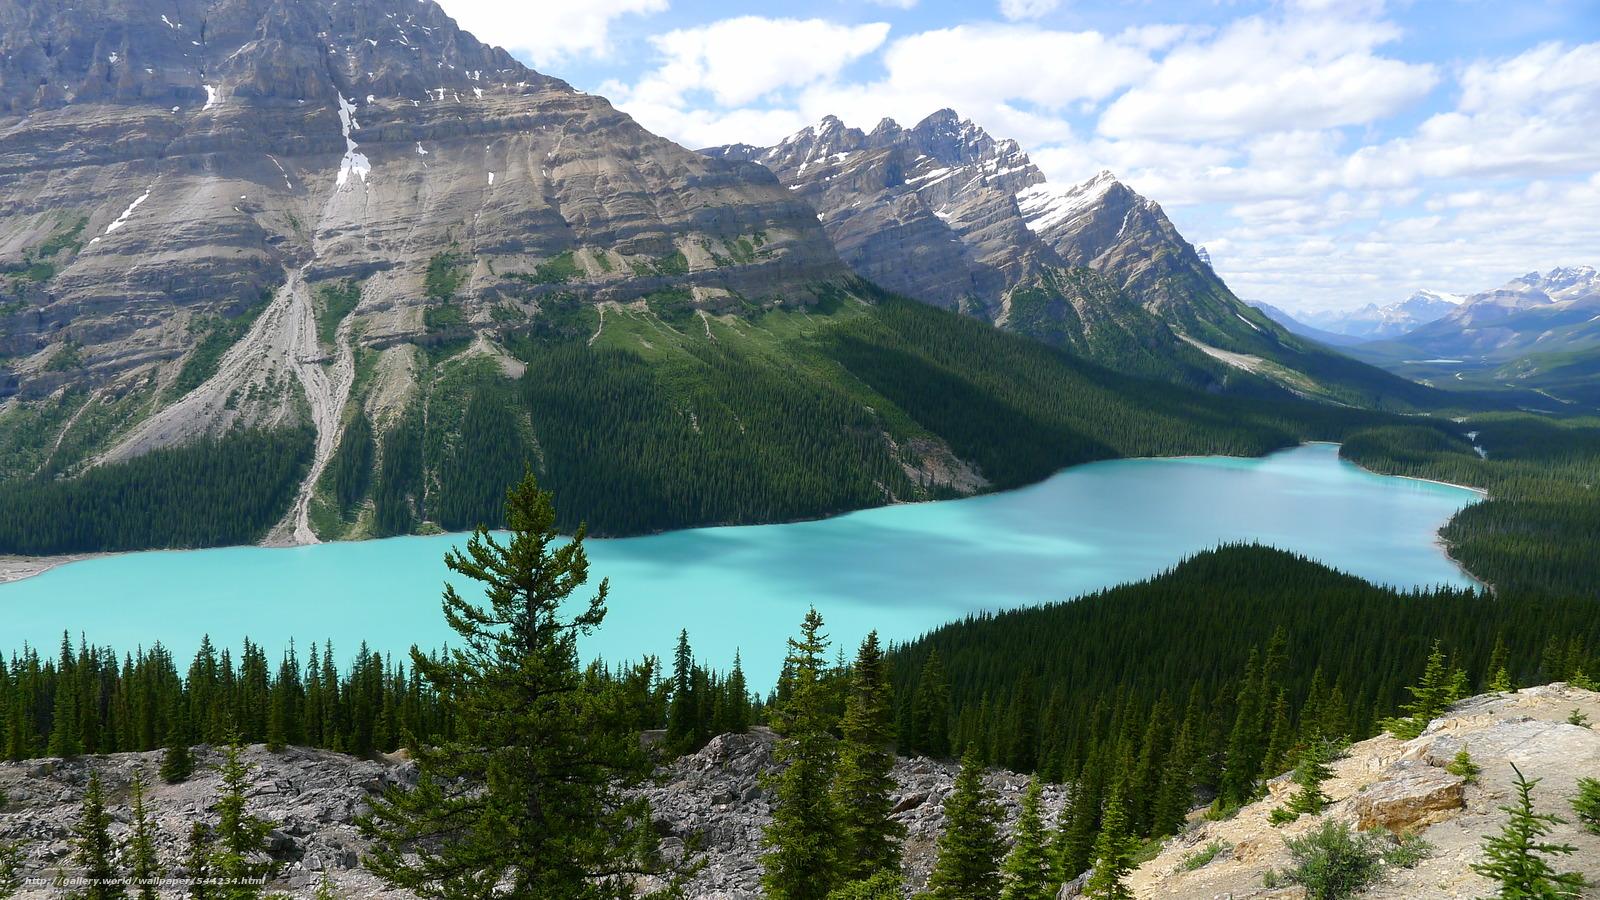 Скачать обои Peyto Lake,  Alberta,  Canada бесплатно для рабочего стола в разрешении 3968x2232 — картинка №544234